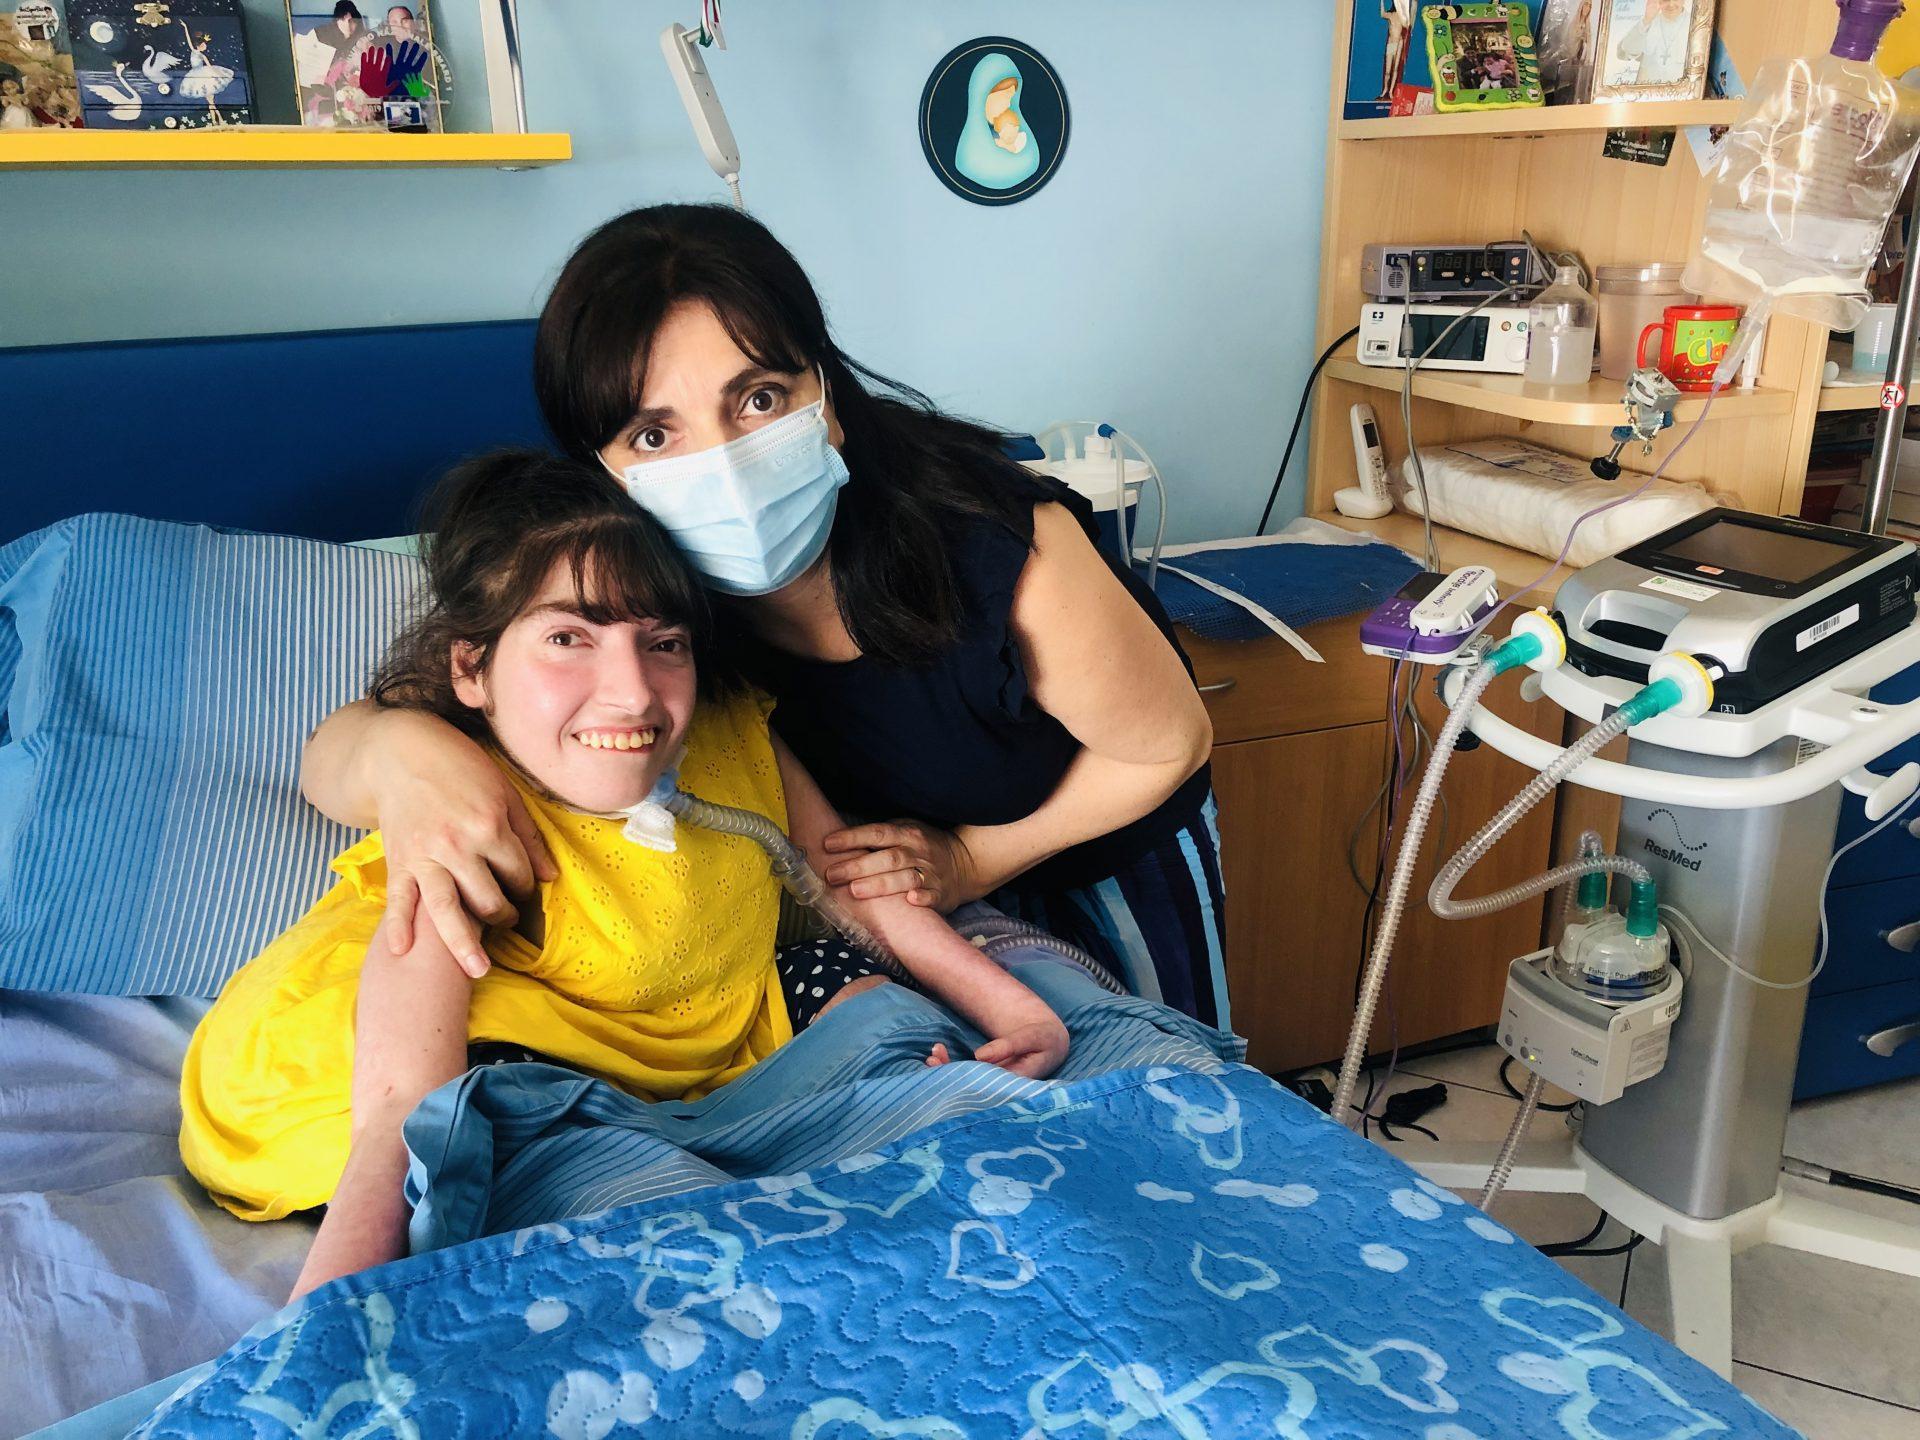 La figlia ha una malattia rara, ma la madre non ottiene il trasferimento